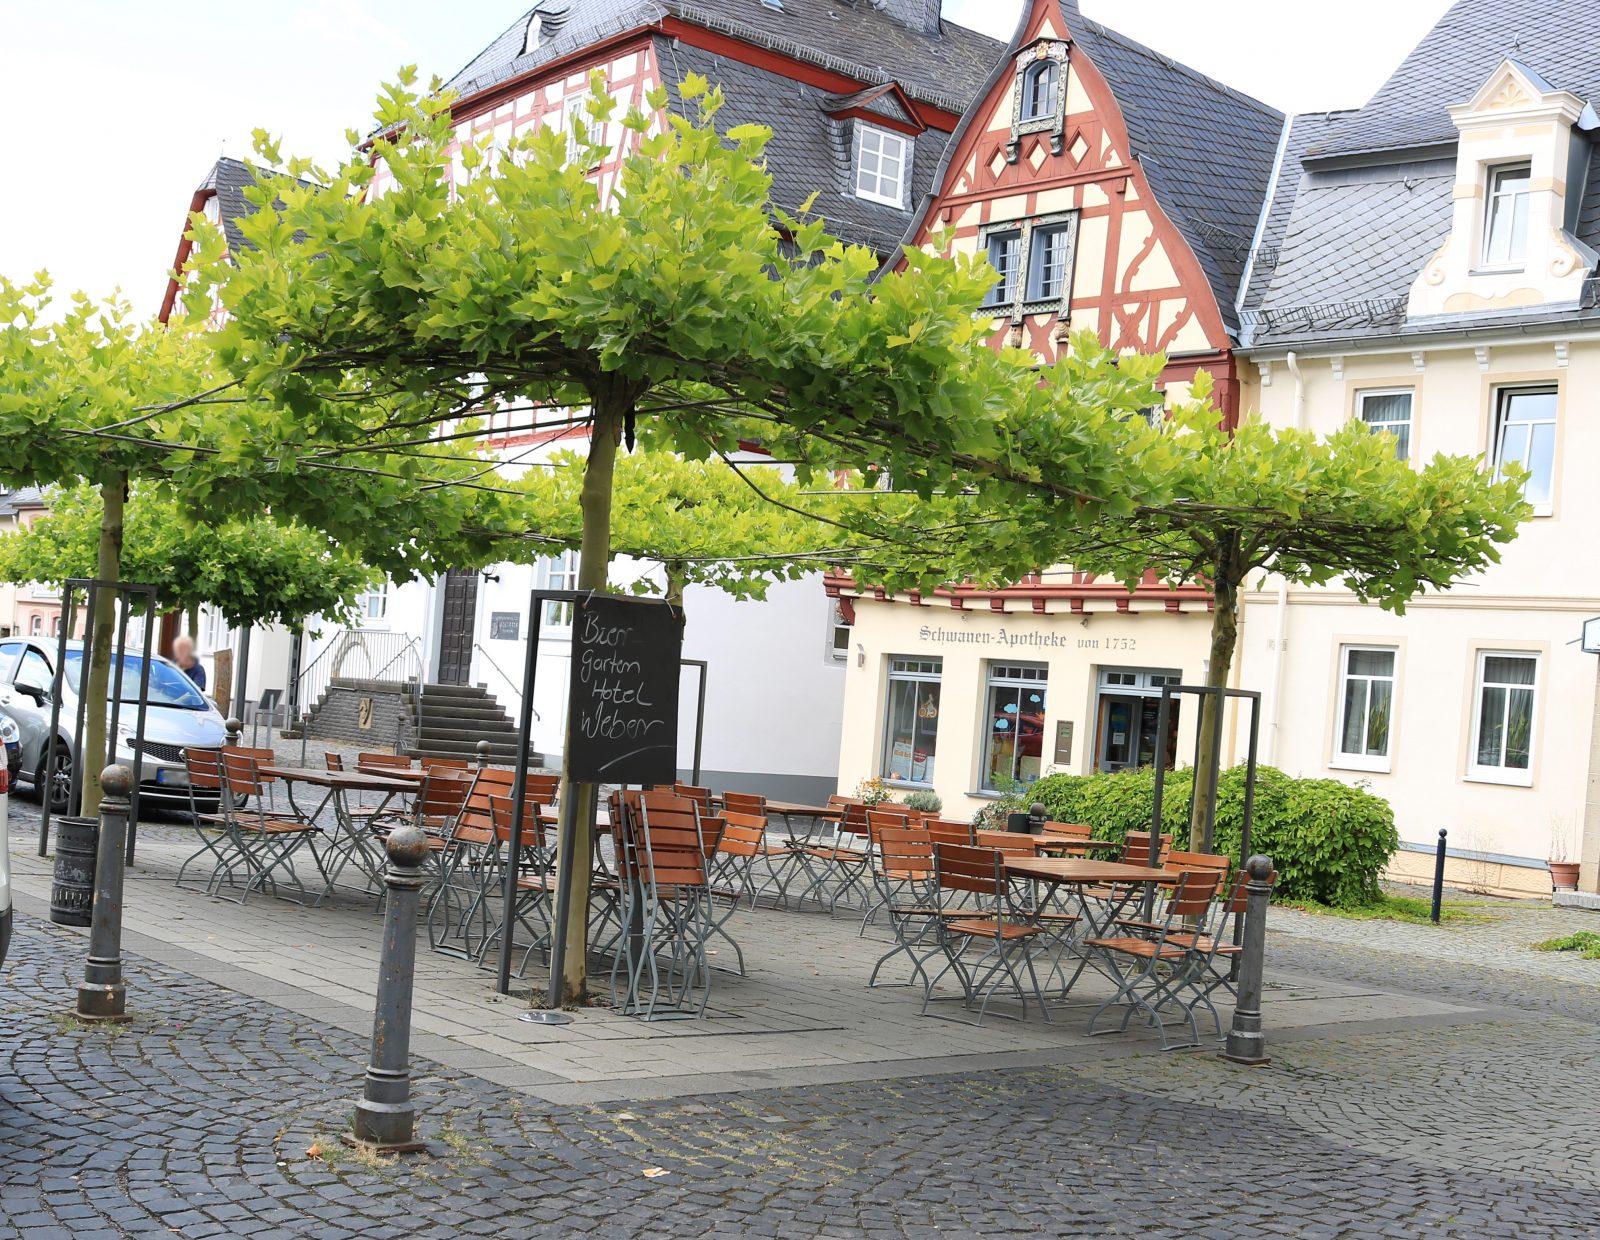 Biergarten im Stadtzentrum am Marktplatz von Kirchberg